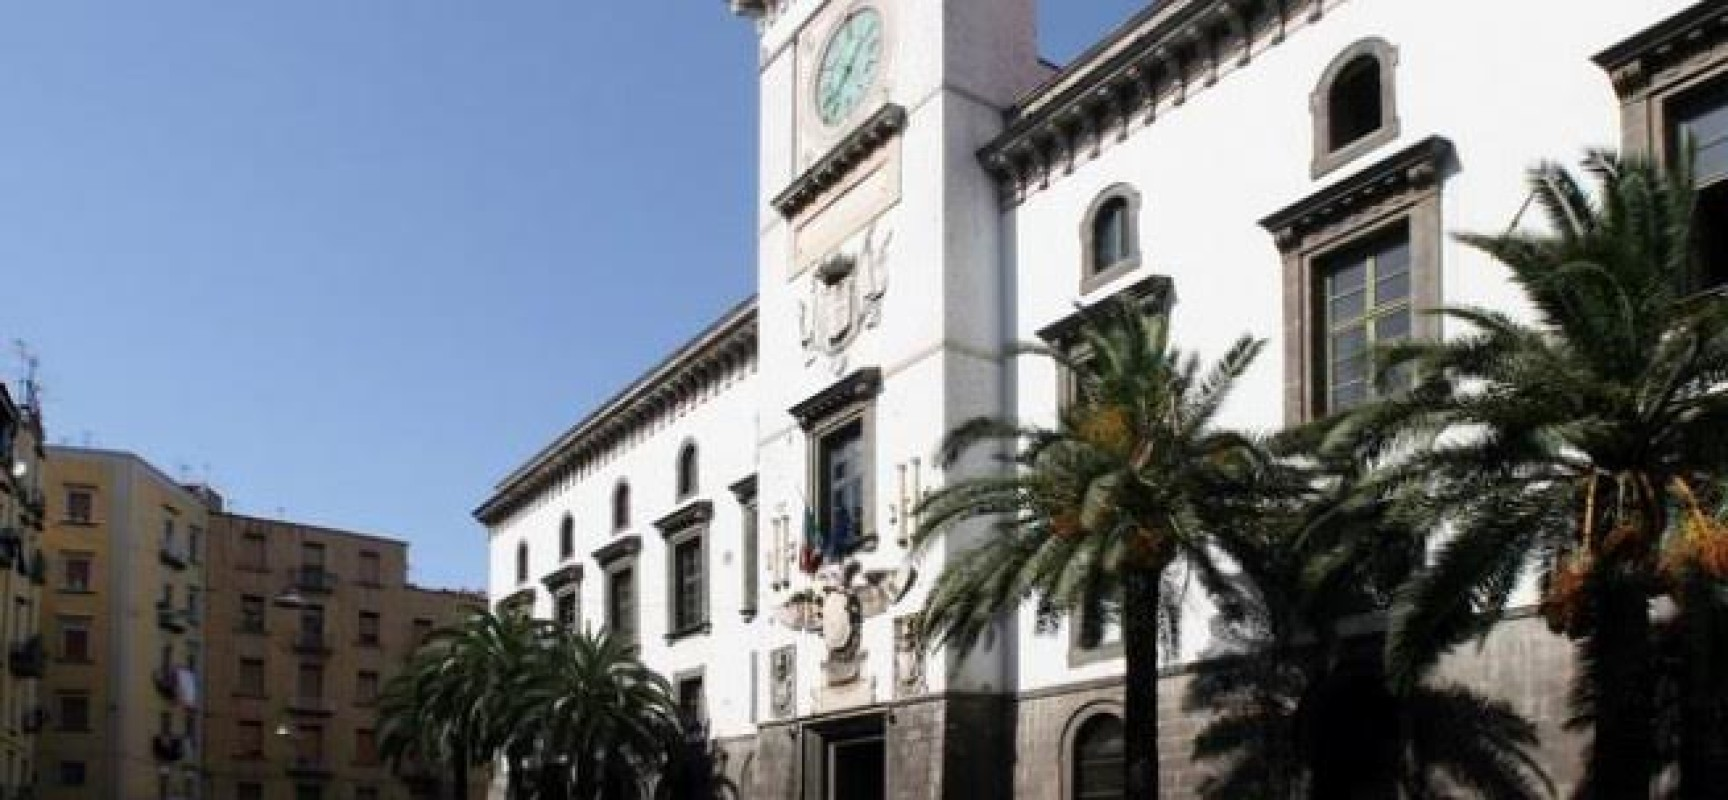 Castel Capuano, concerto per vittime criminalità